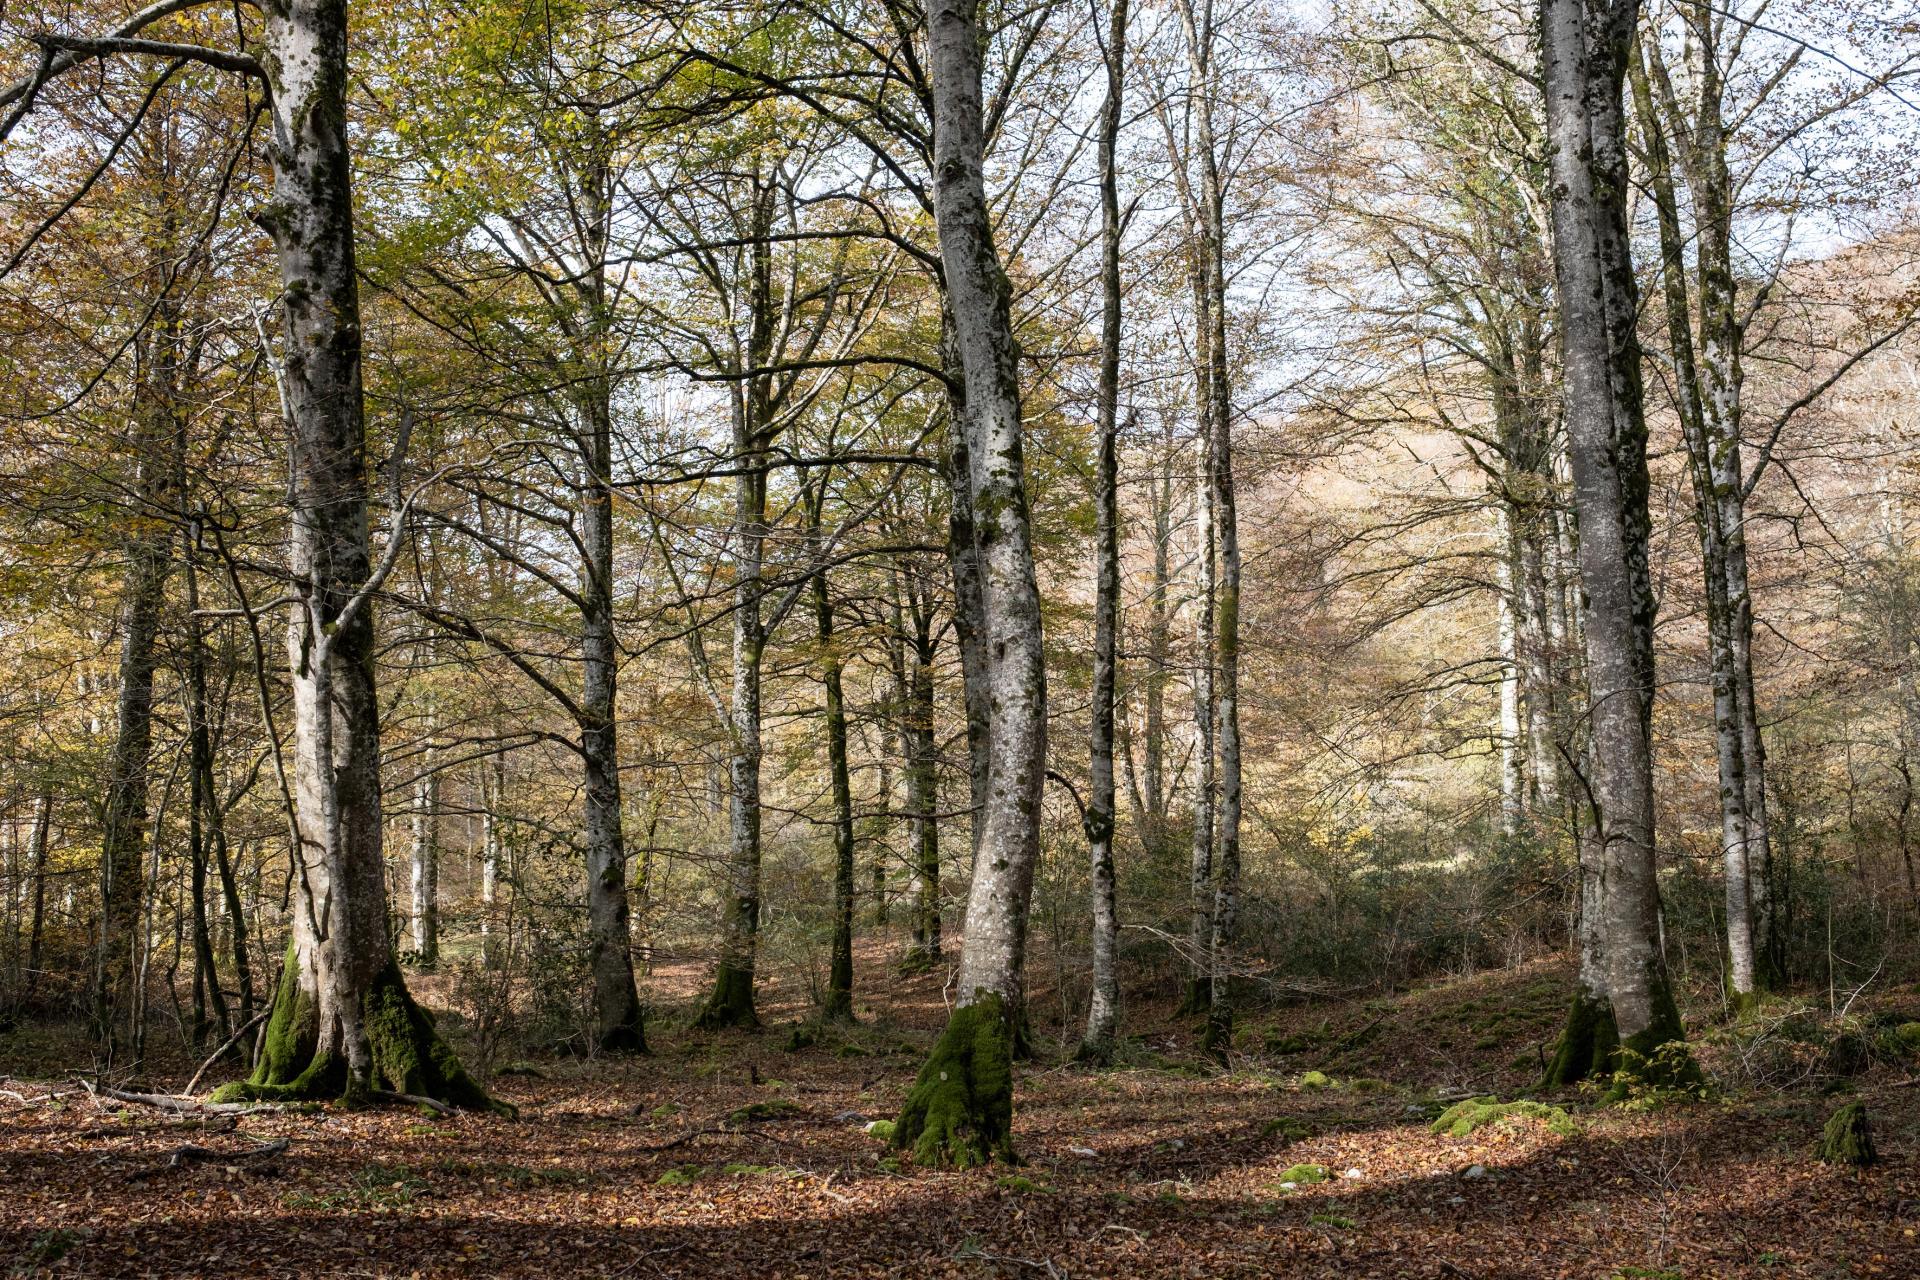 Hêtraie dans la forêt communale de Hèches, vallée d'Aure, dans les Hautes-Pyrénées. Forêt de production gérée par l'ONF.